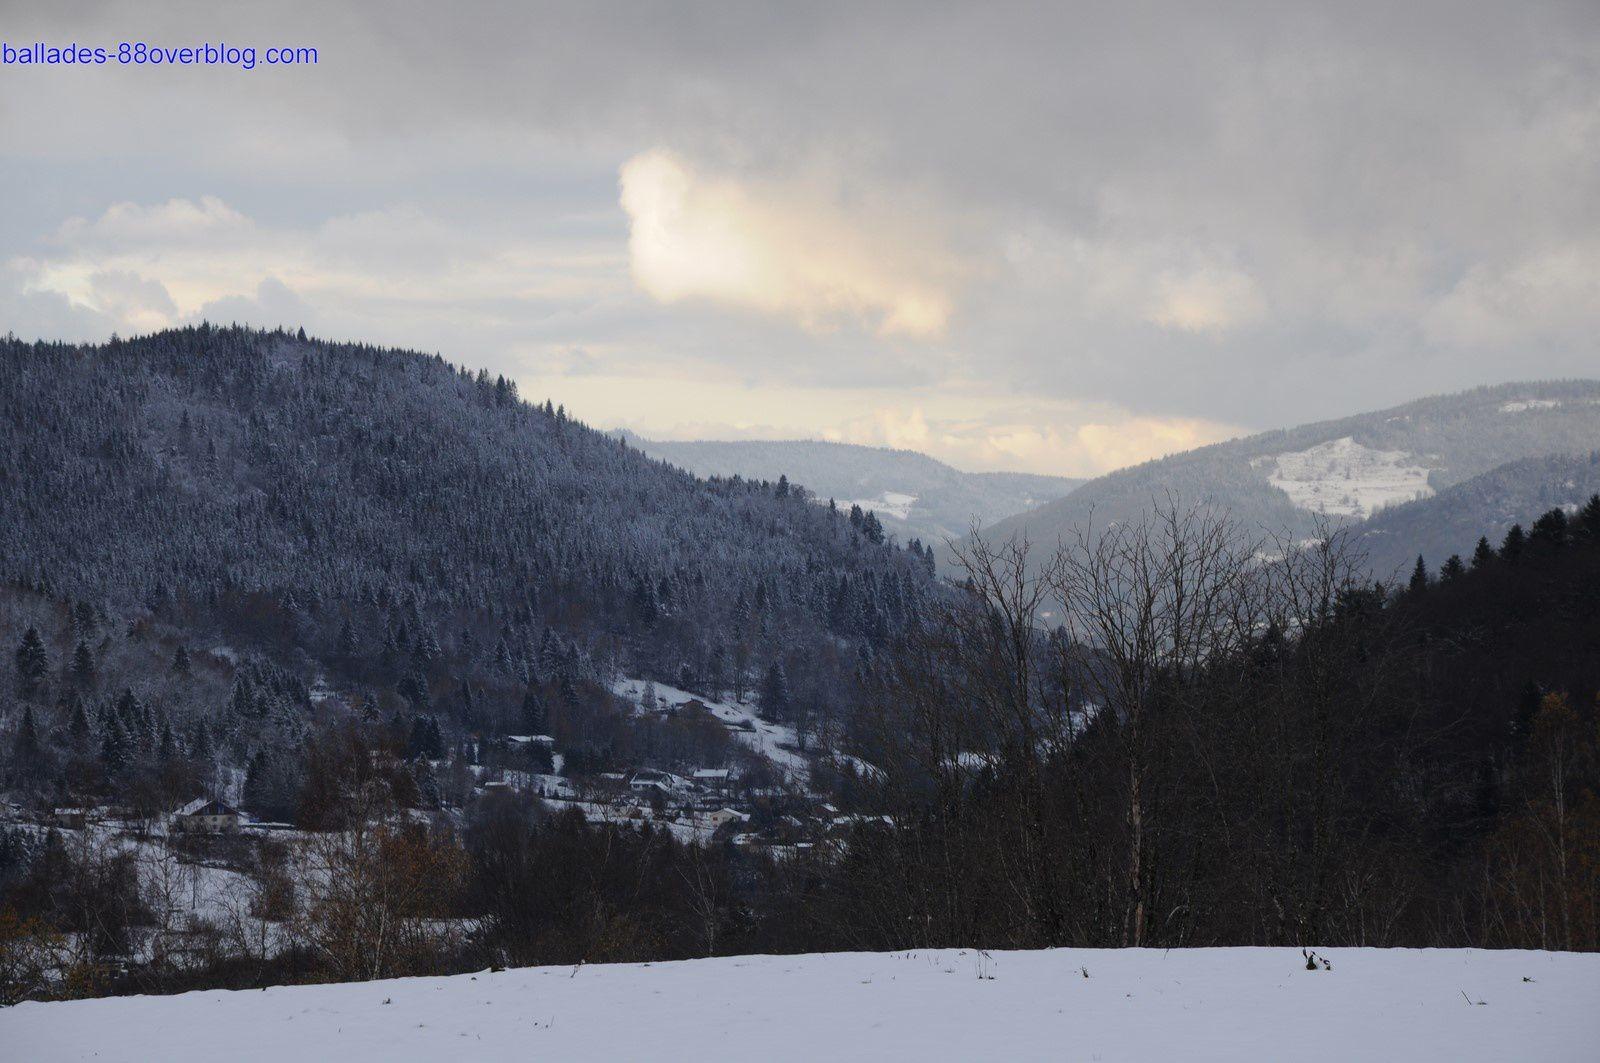 Première neige sur les Vosges 22/11/2015